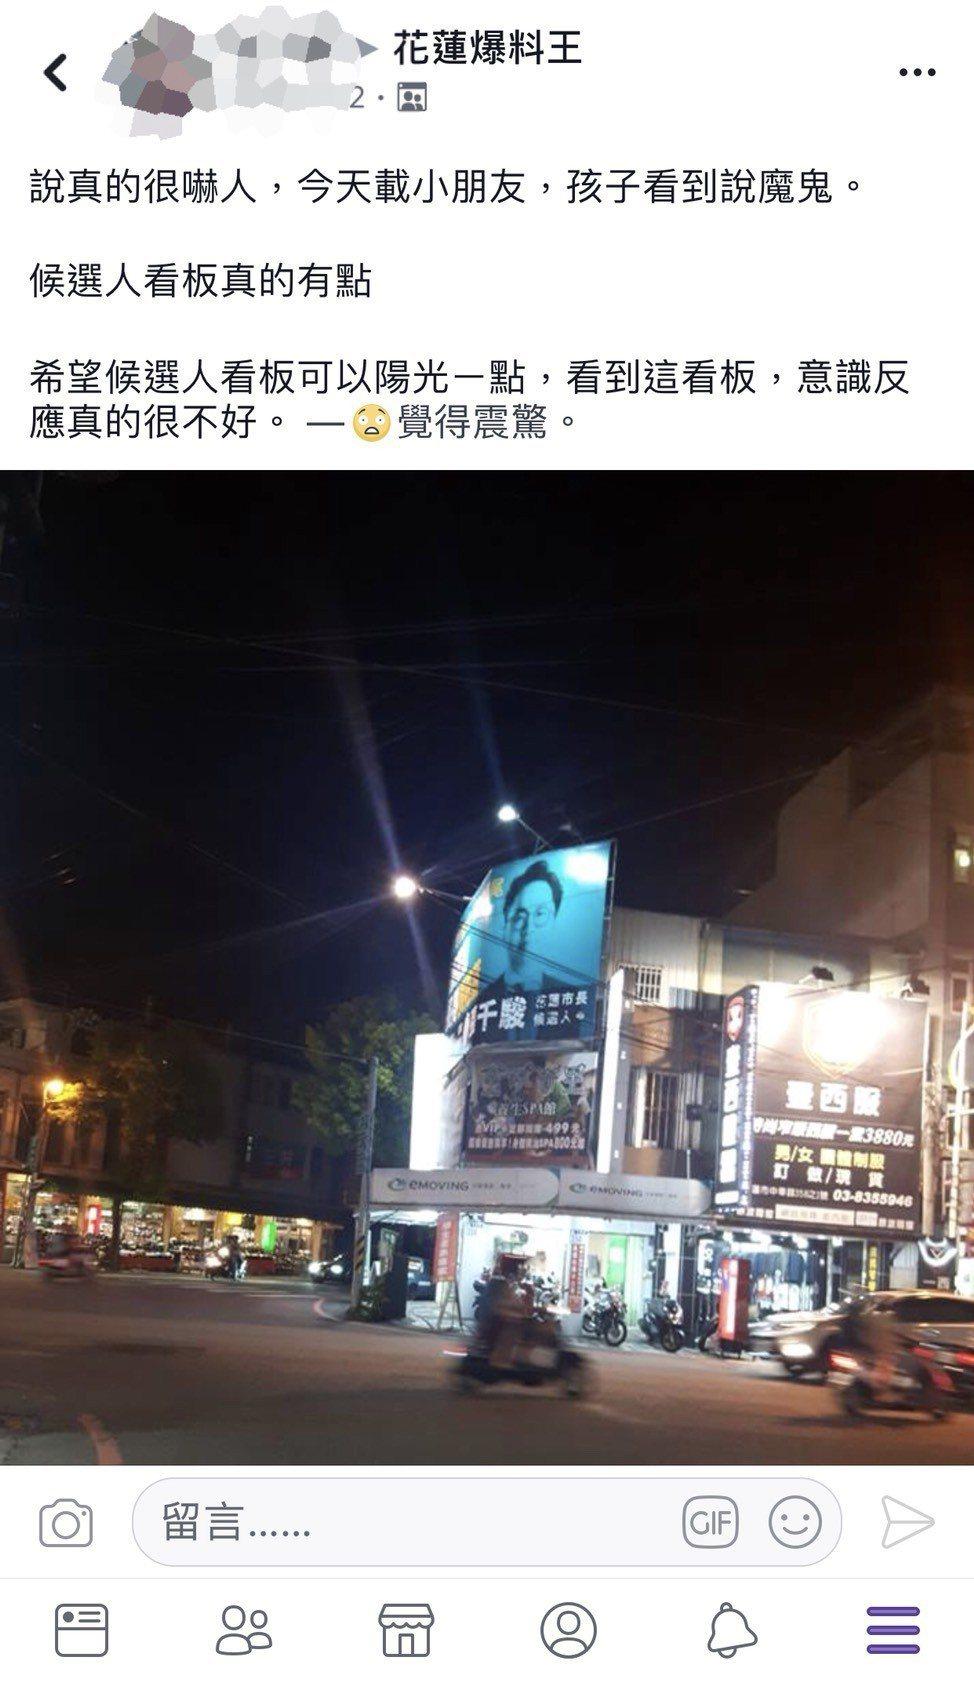 臉書花蓮爆料王有網友貼上花蓮市長參選人張千駿的選舉看板,表示孩子看到說「像魔鬼」...